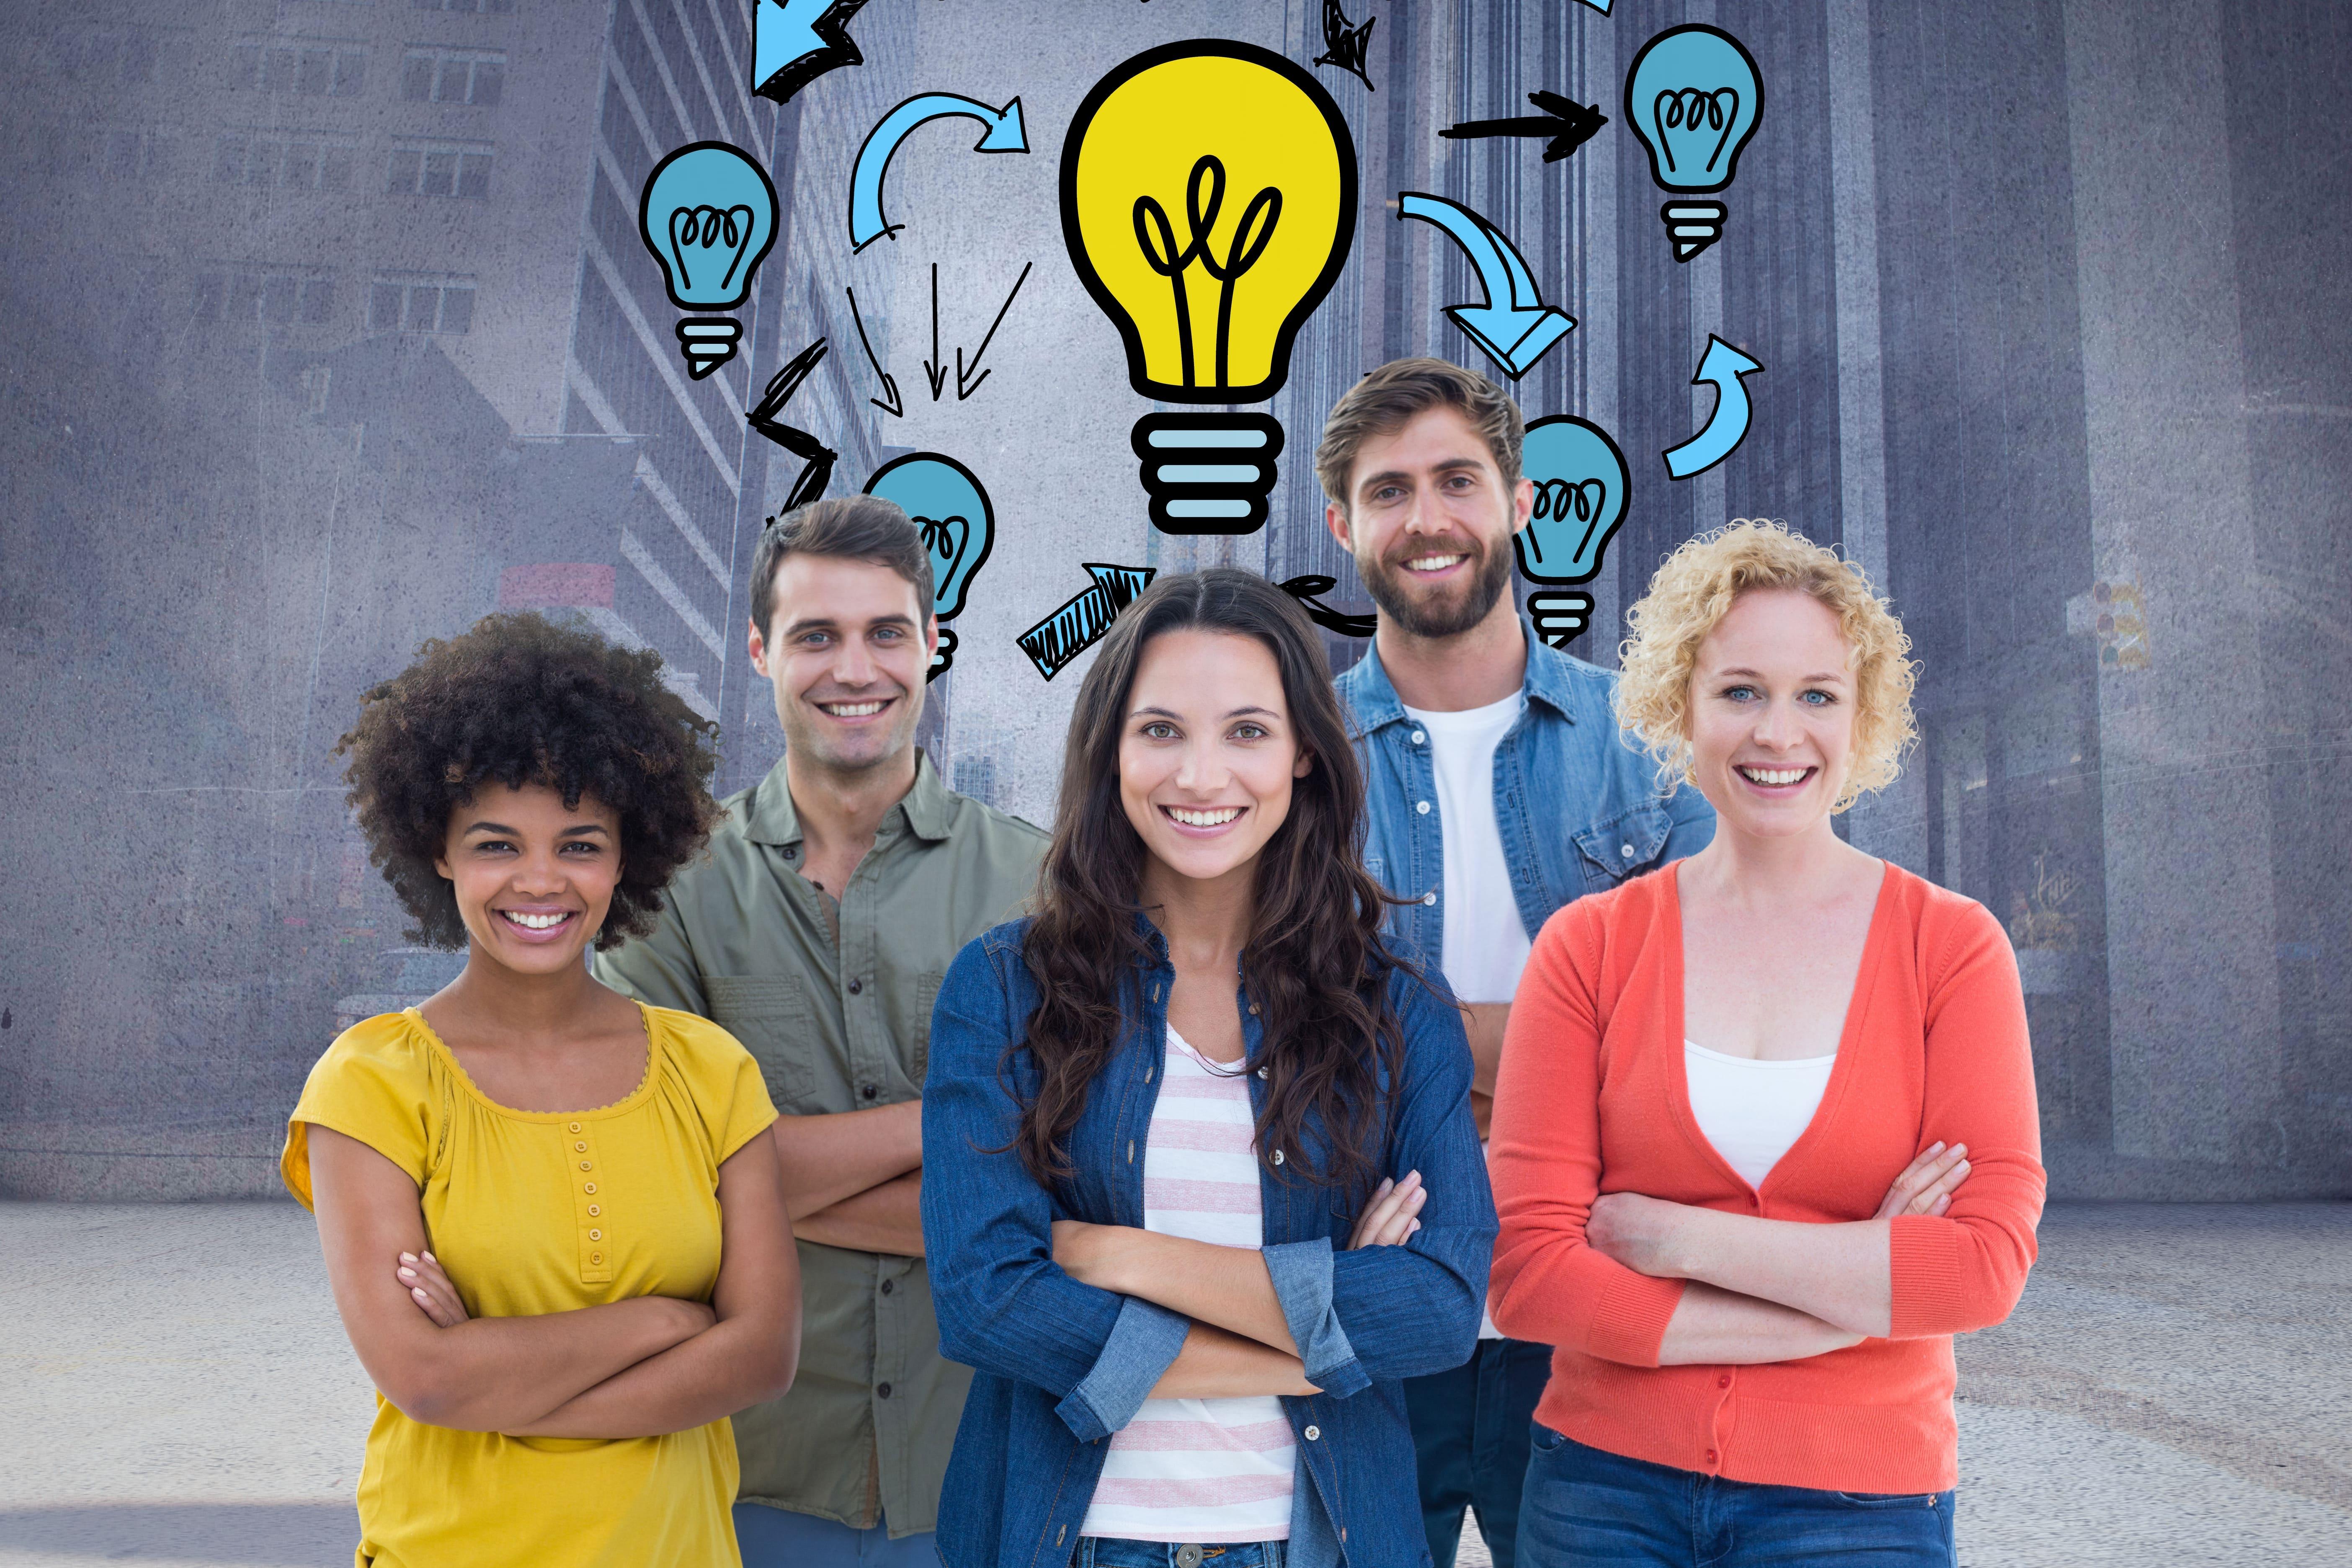 Saiba como motivar e liderar sua equipe de forma eficiente